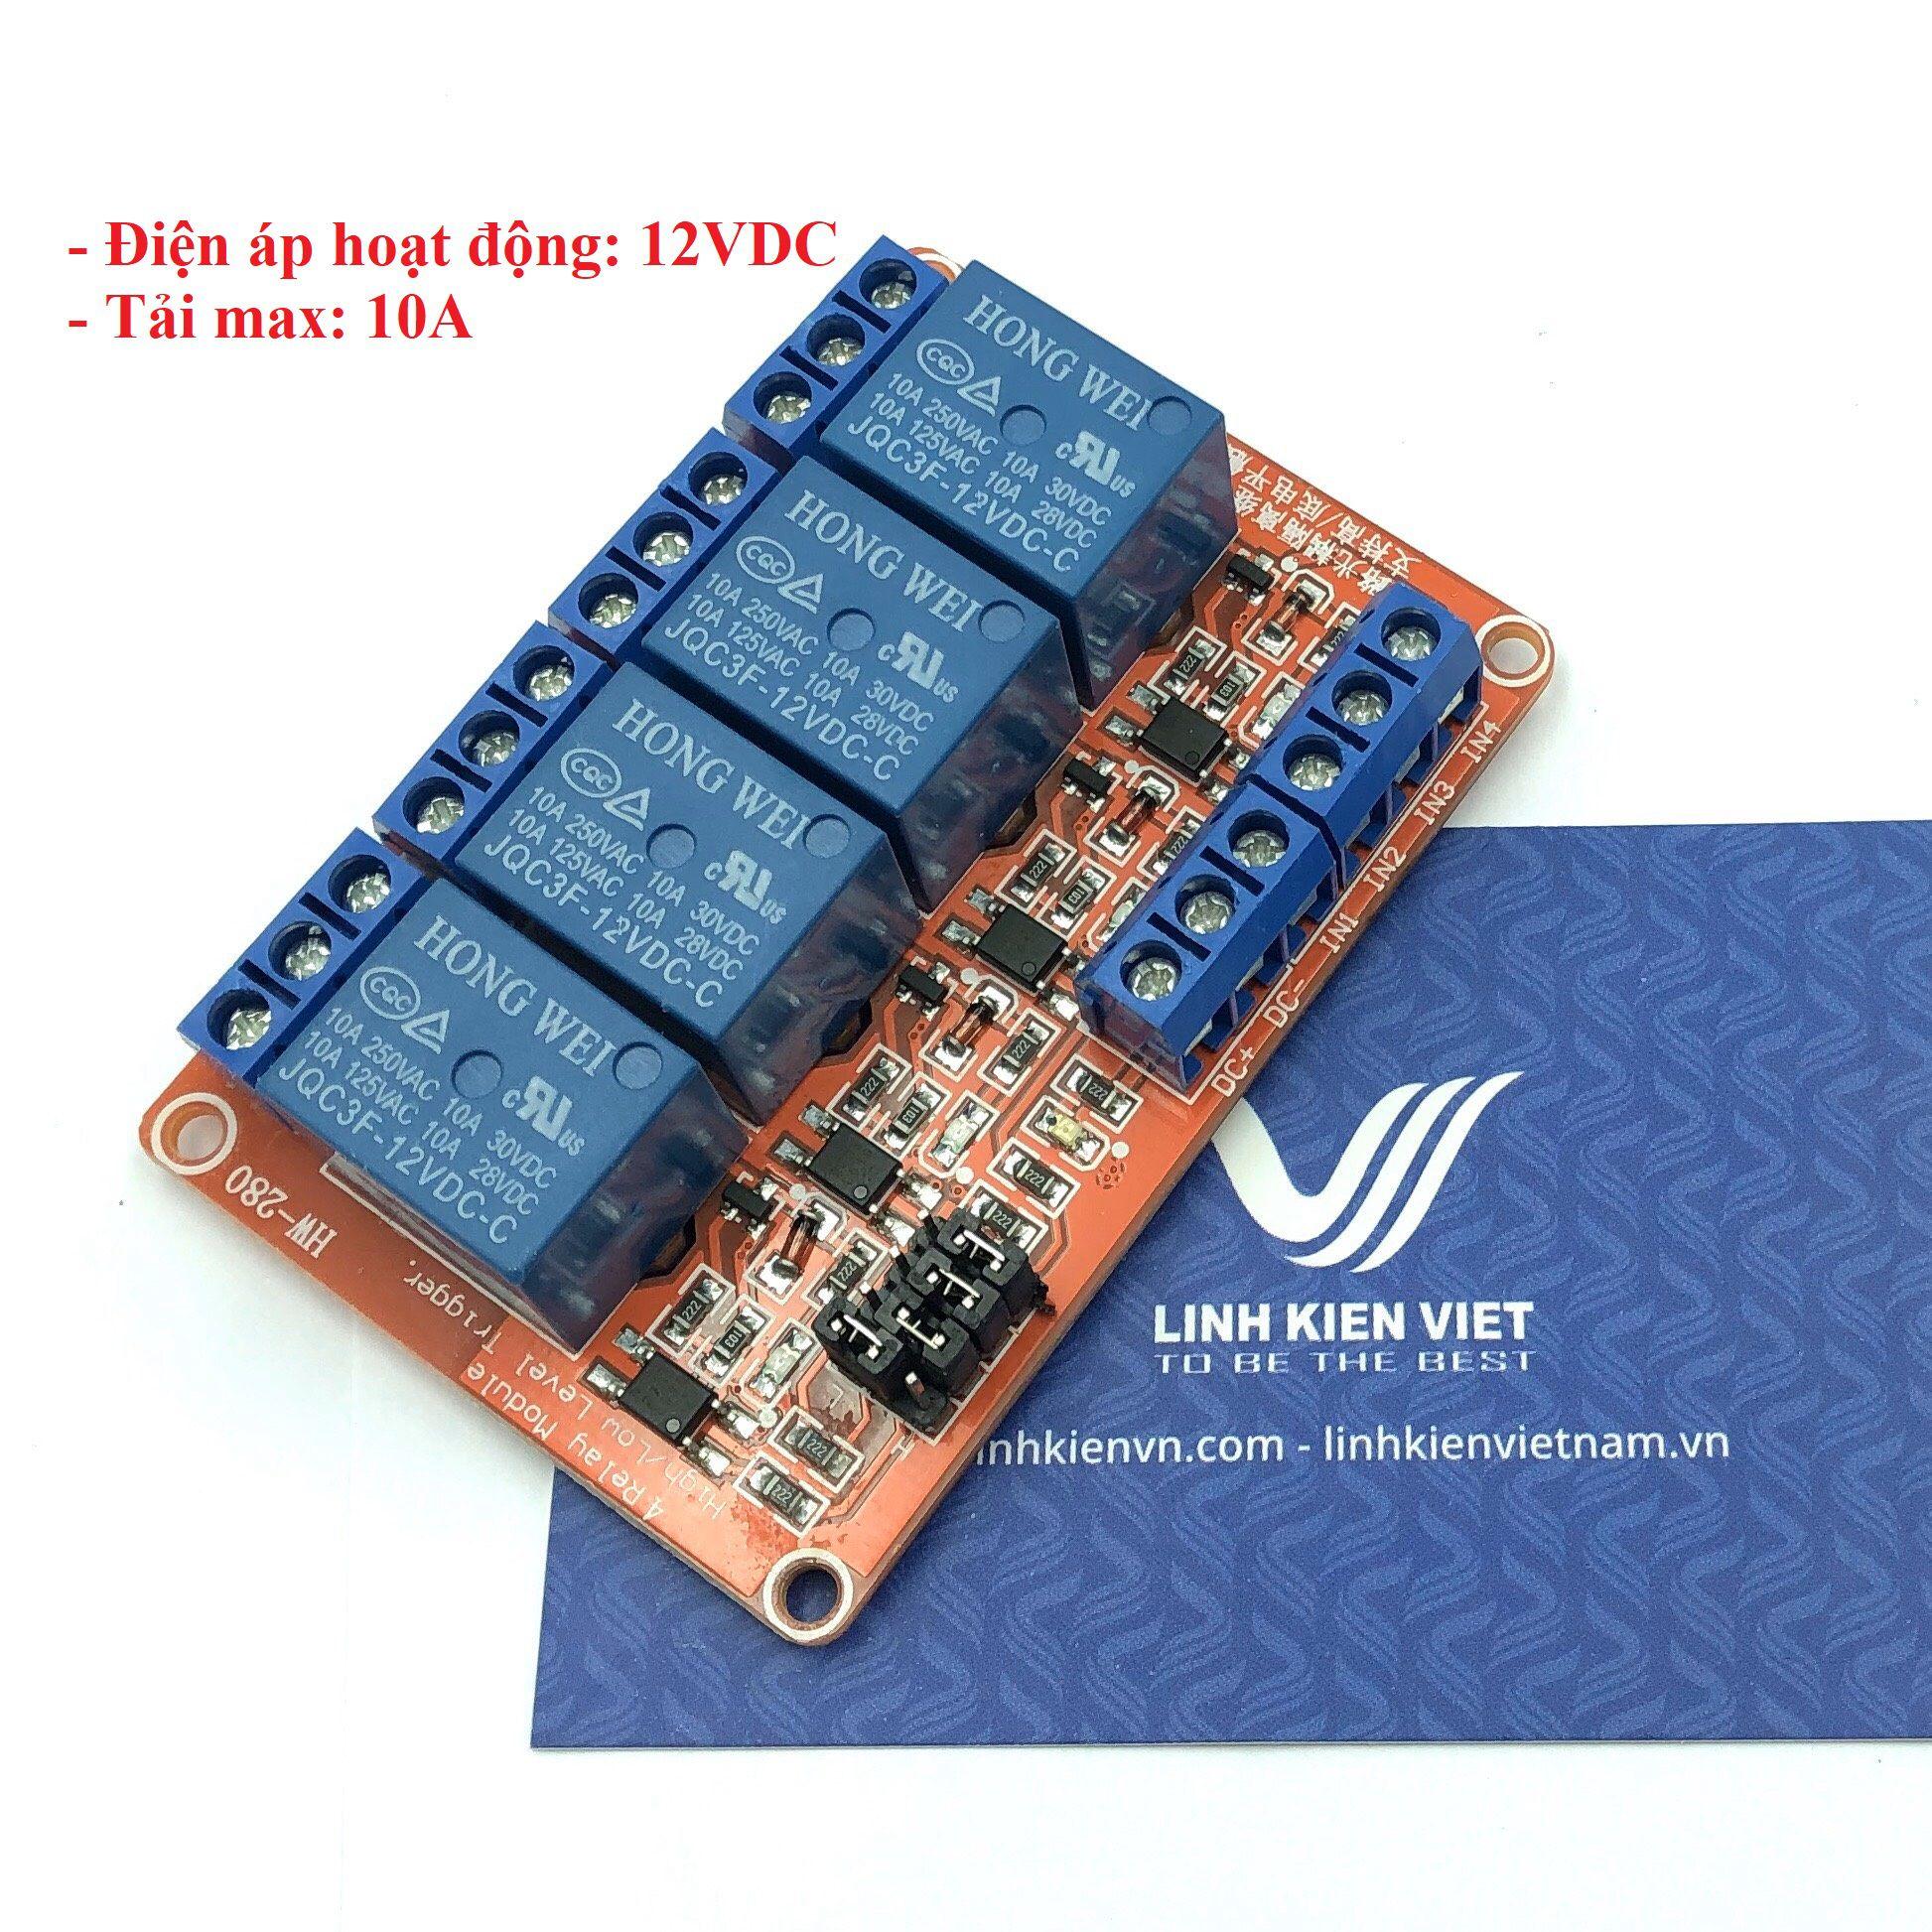 Module relay 4 kênh 12VDC / 10A chọn mức kích hoạt - i6H23